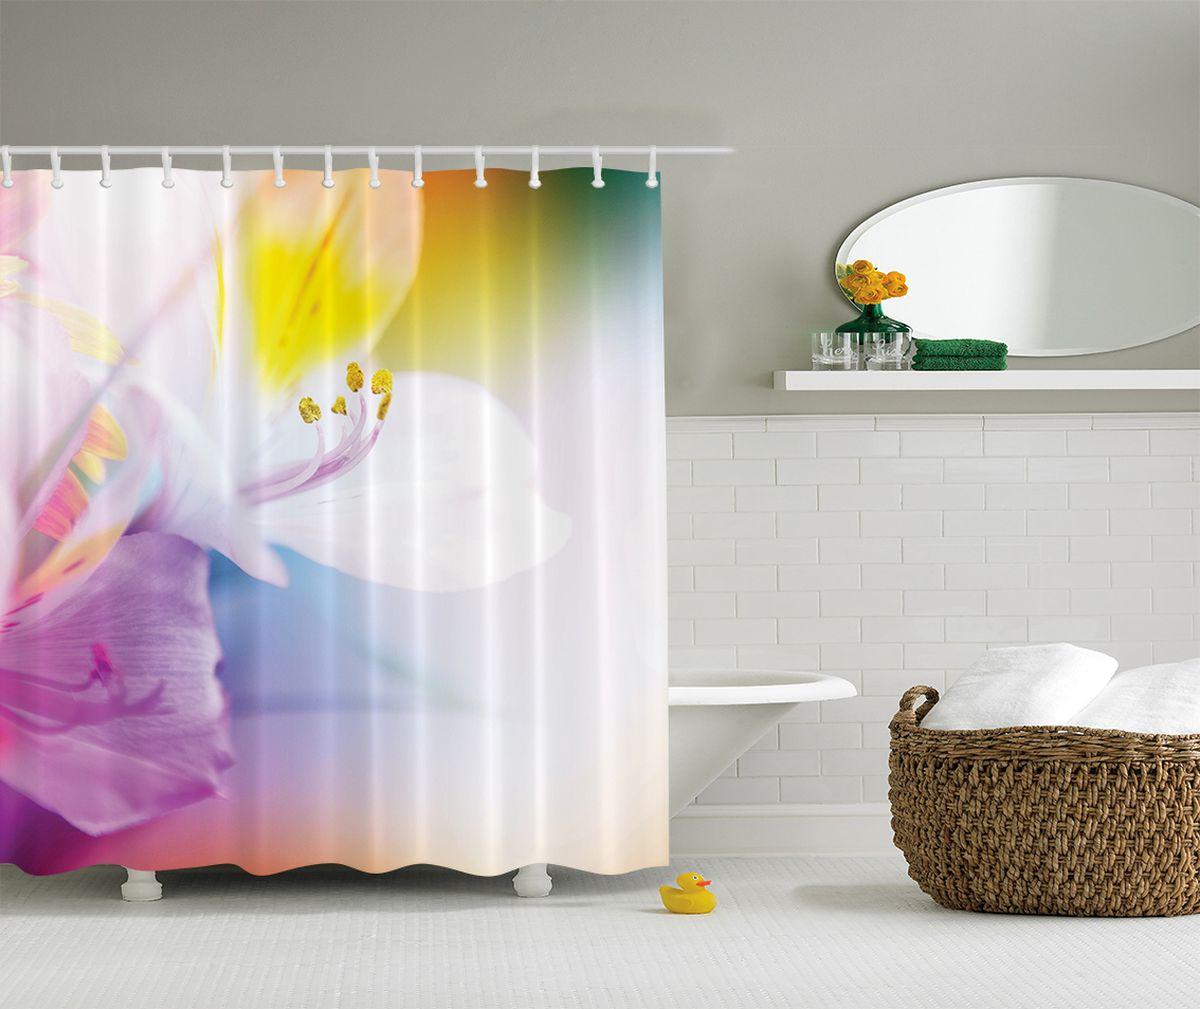 Штора для ванной комнаты Magic Lady Кадр лилии, 180 х 200 смшв_6866Штора Magic Lady PКадр лилии, изготовленная из высококачественного сатена (полиэстер 100%), отлично дополнит любой интерьер ванной комнаты. При изготовлении используются специальные гипоаллергенные чернила для прямой печати по ткани, безопасные для человека.В комплекте: 1 штора, 12 крючков. Обращаем ваше внимание, фактический цвет изделия может незначительно отличаться от представленного на фото.